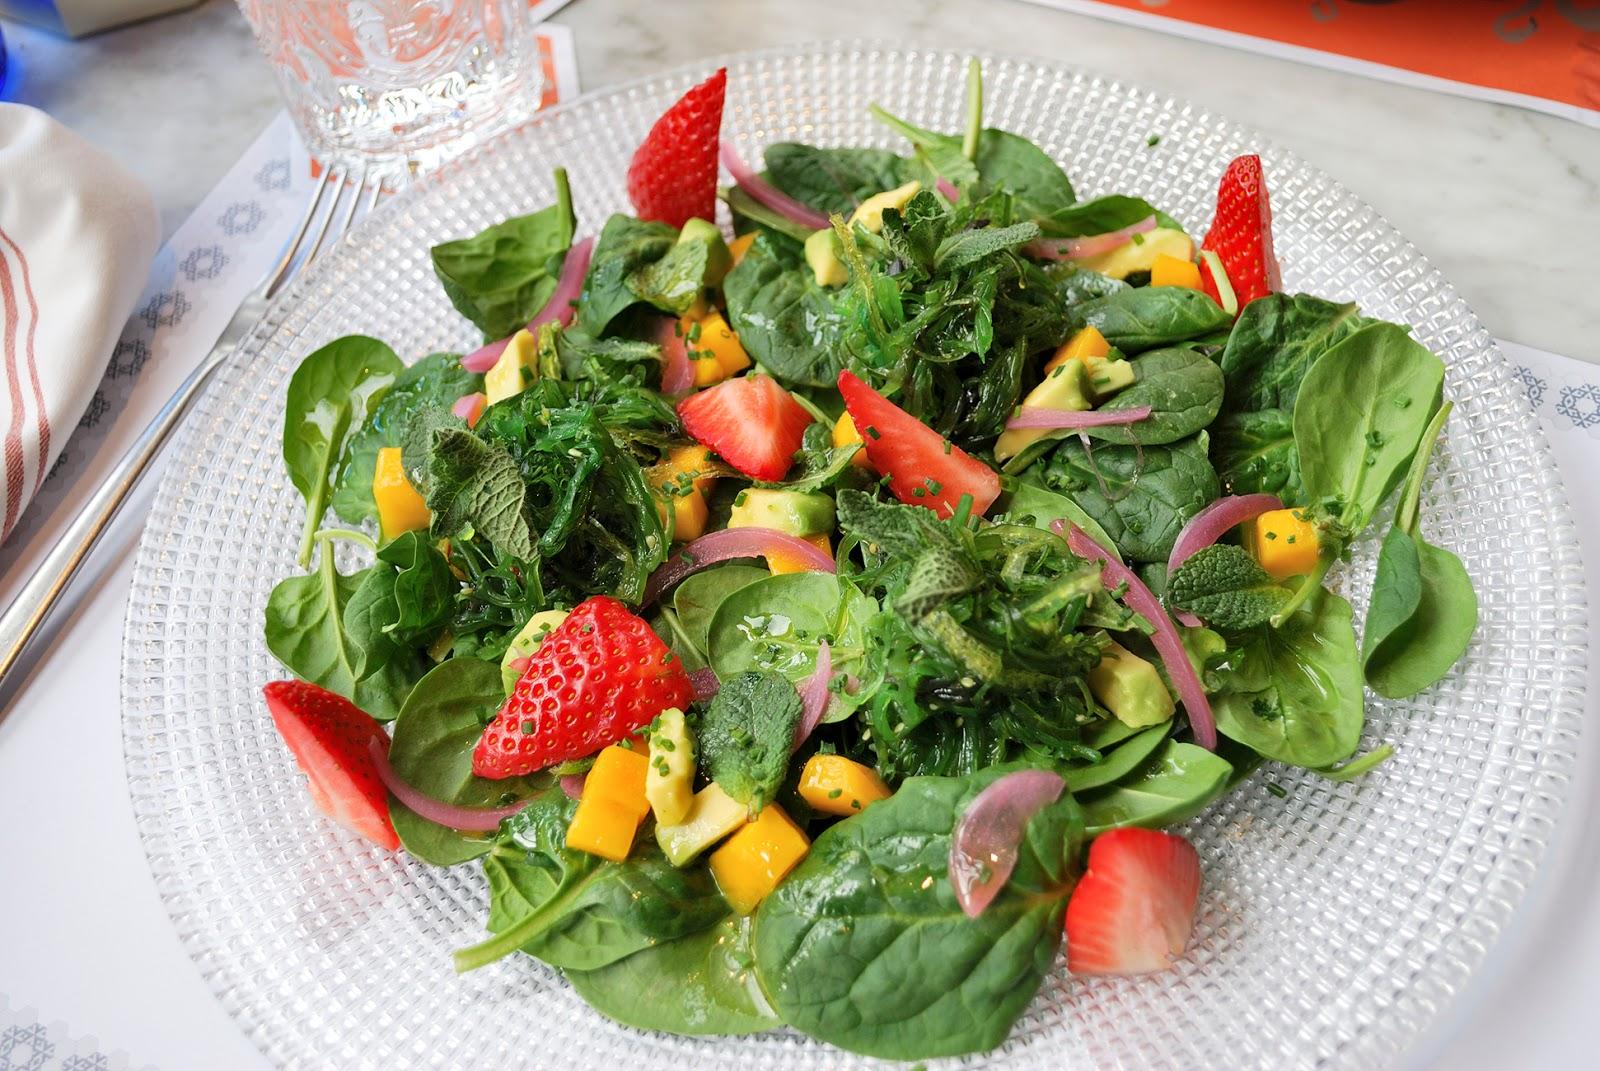 restaurante elektra madrid healthy vegan vegetarian